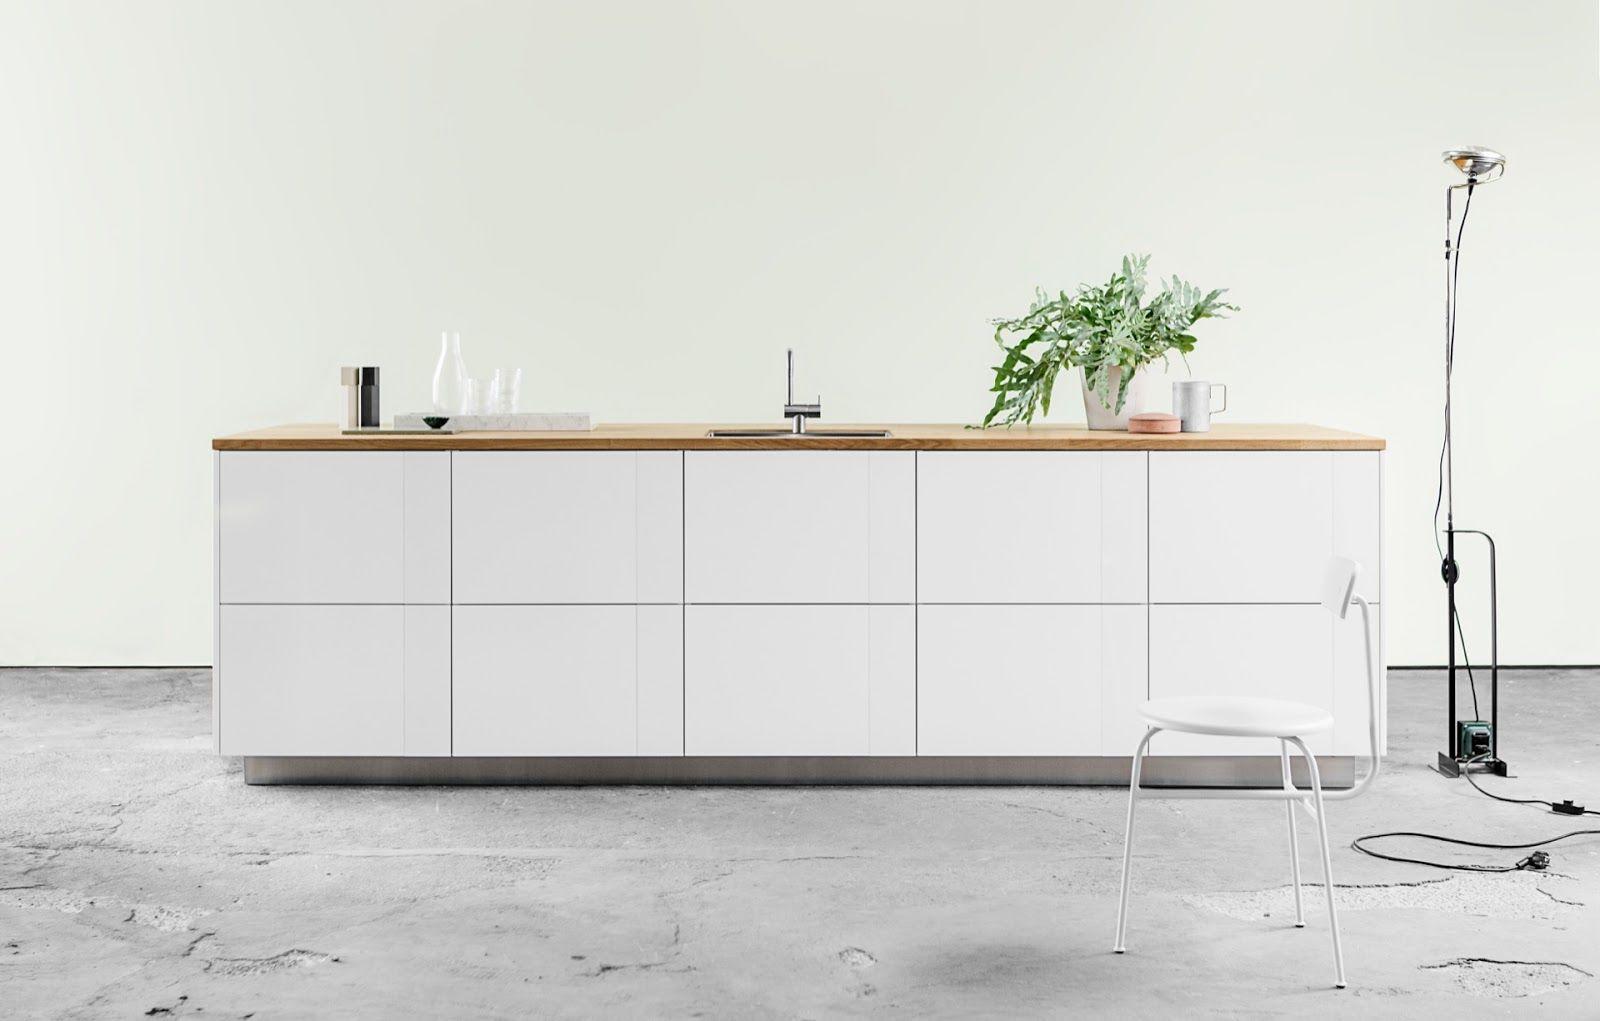 Ikea Küchenfronten Andere Küche Rauchmelder Offene Küche Einräumen